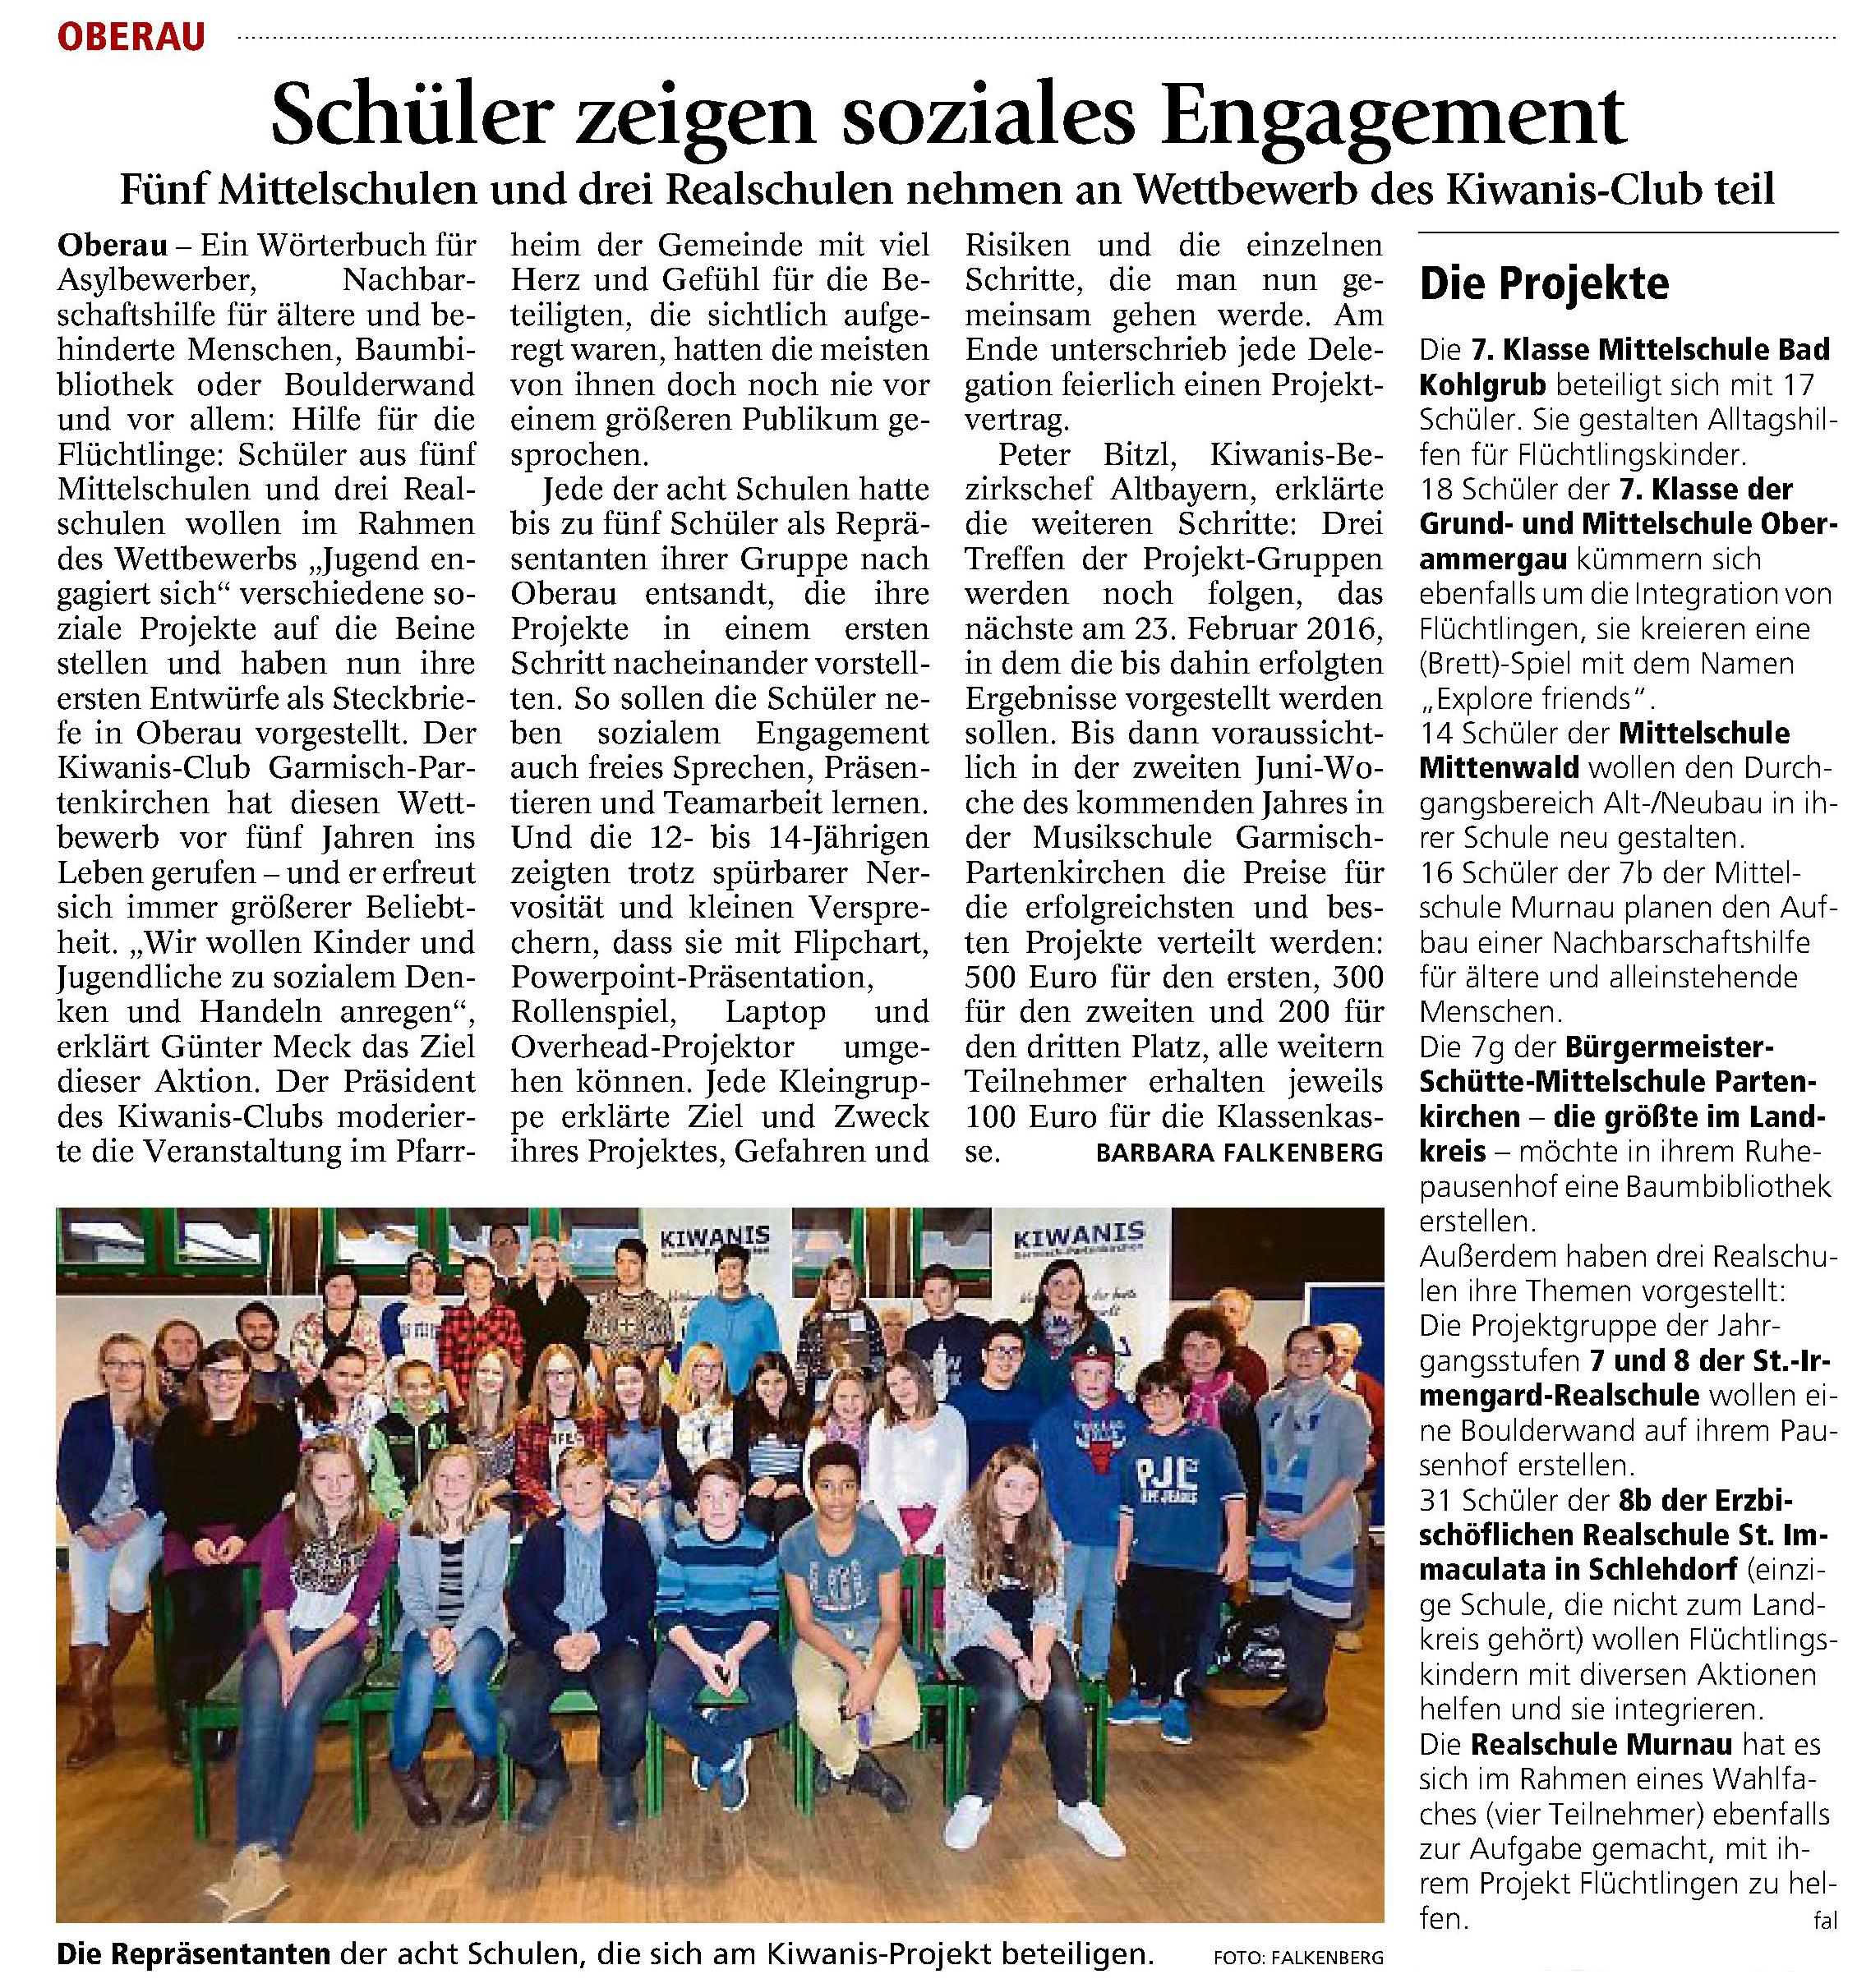 Garmisch-Partenkirchner Tagblatt 2.12.2015